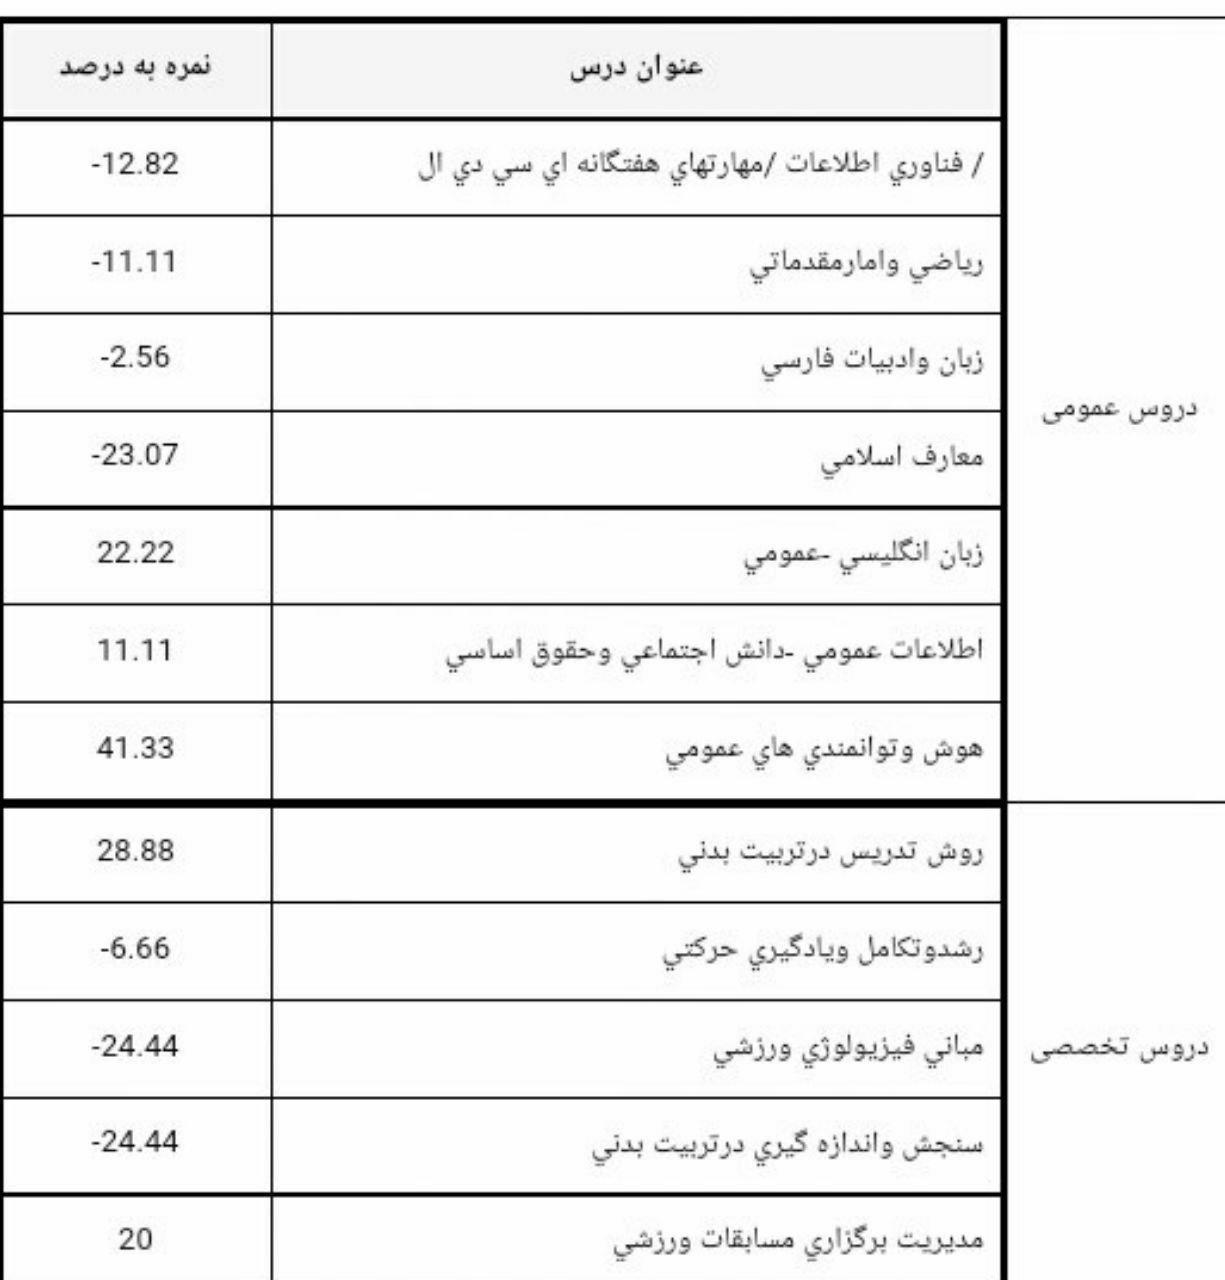 https://iranestekhdam.ir/wp-content/uploads/2017/01/a1.jpg